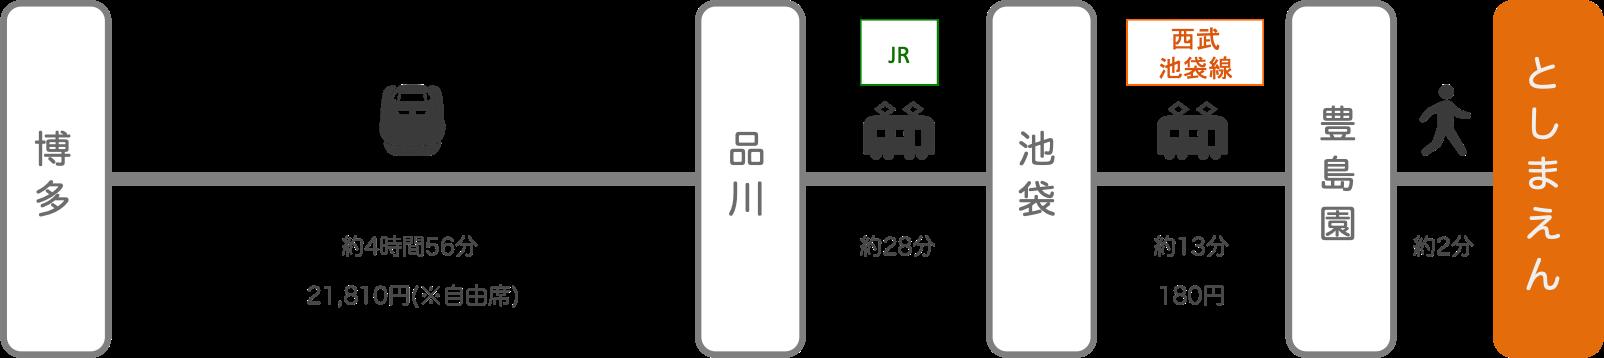 としまえん_博多(福岡)_新幹線